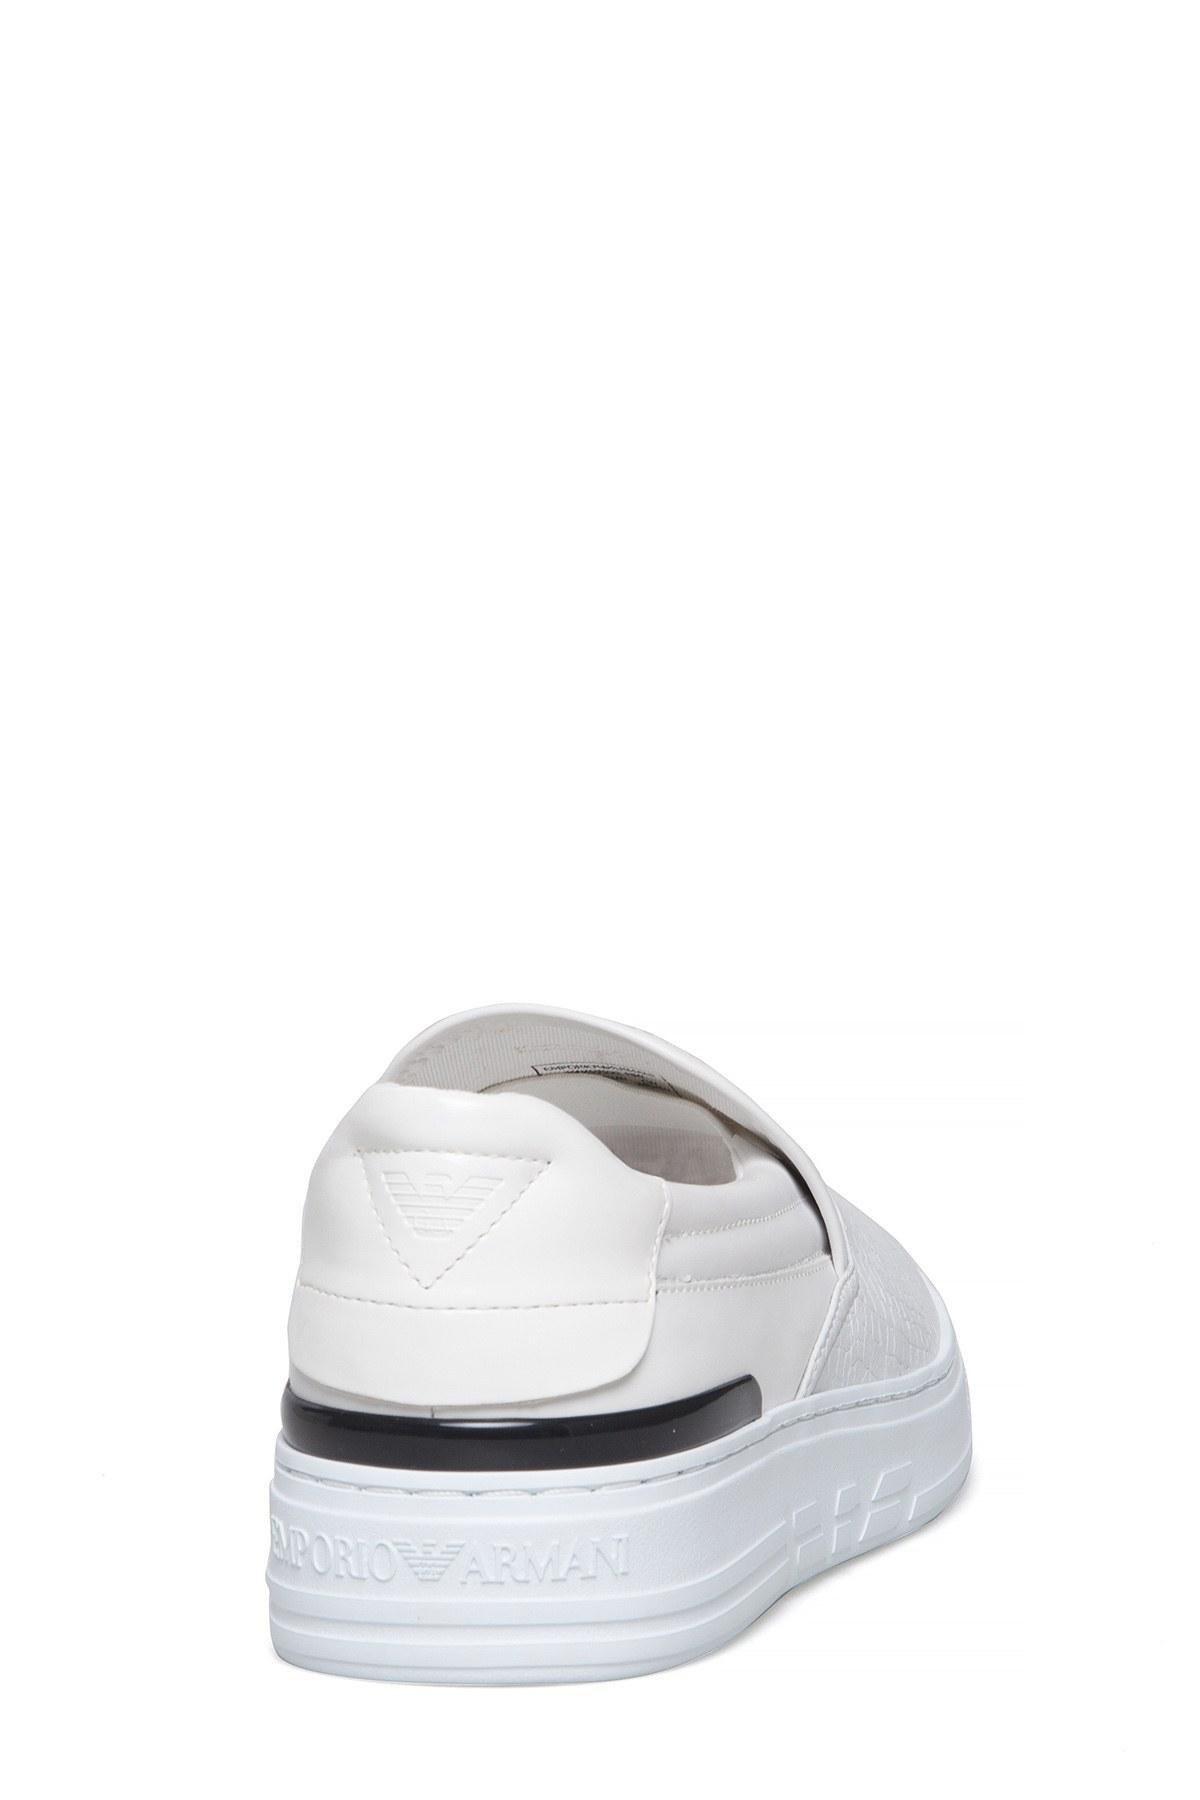 EMPORIO ARMANI Erkek Ayakkabı X4X222 XL190 K222 BEYAZ